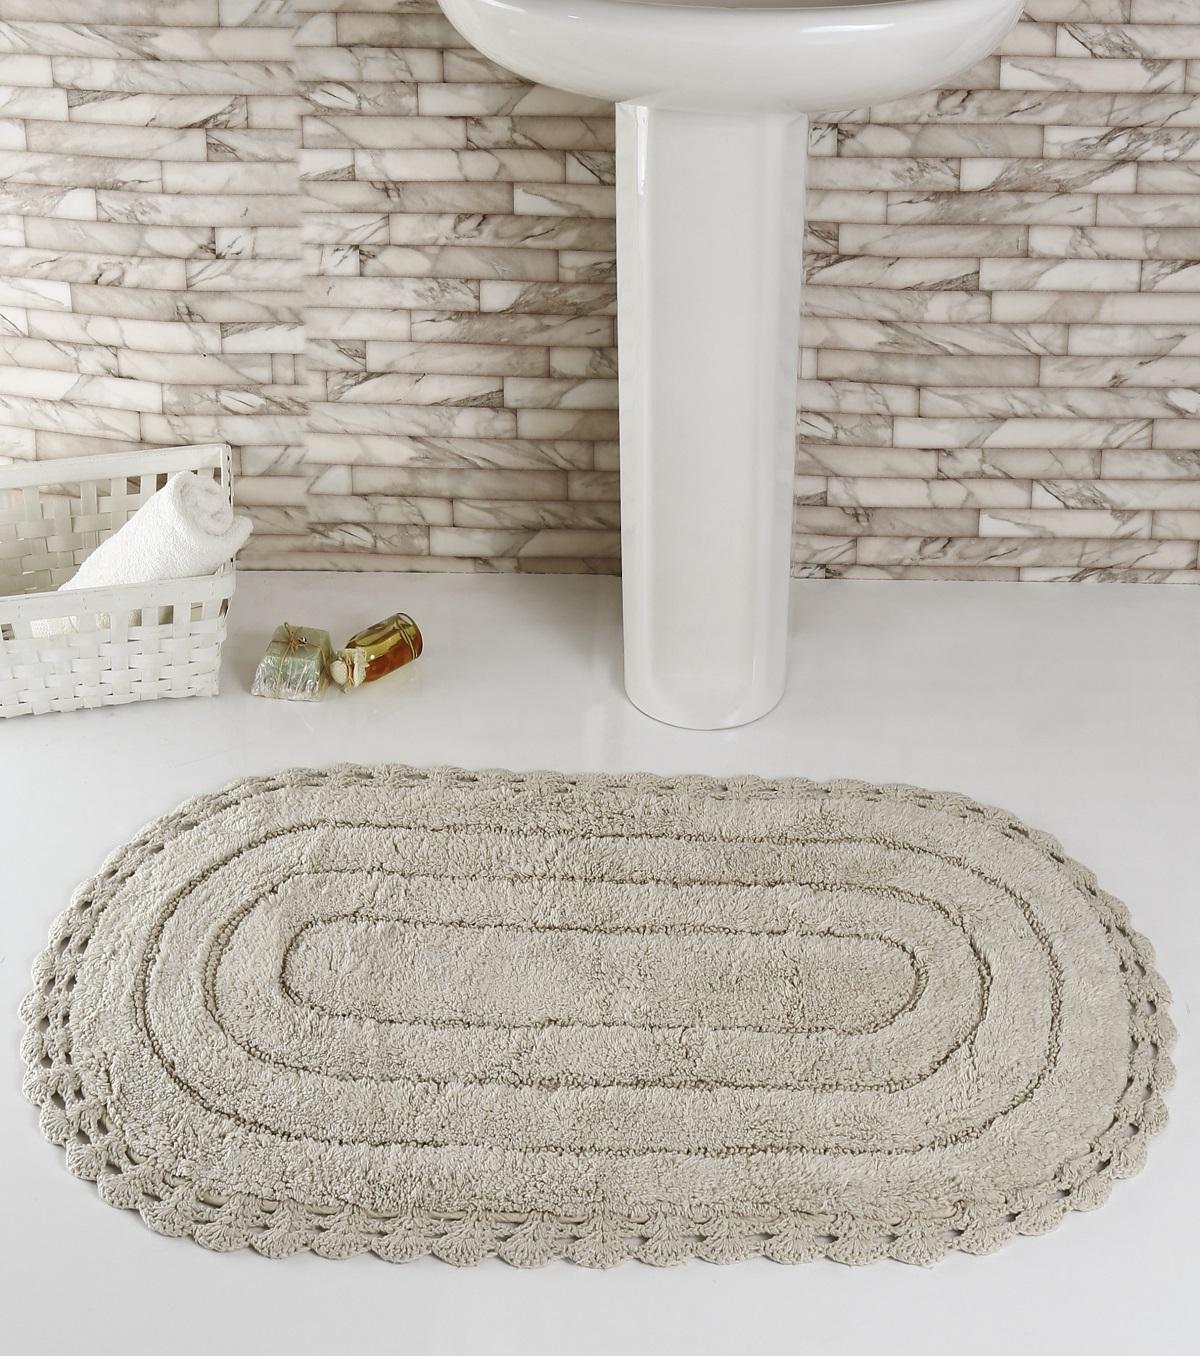 Коврик для ванной Karna Modalin. Yana, цвет: бежевый, 60 х 100 см5025/CHAR002